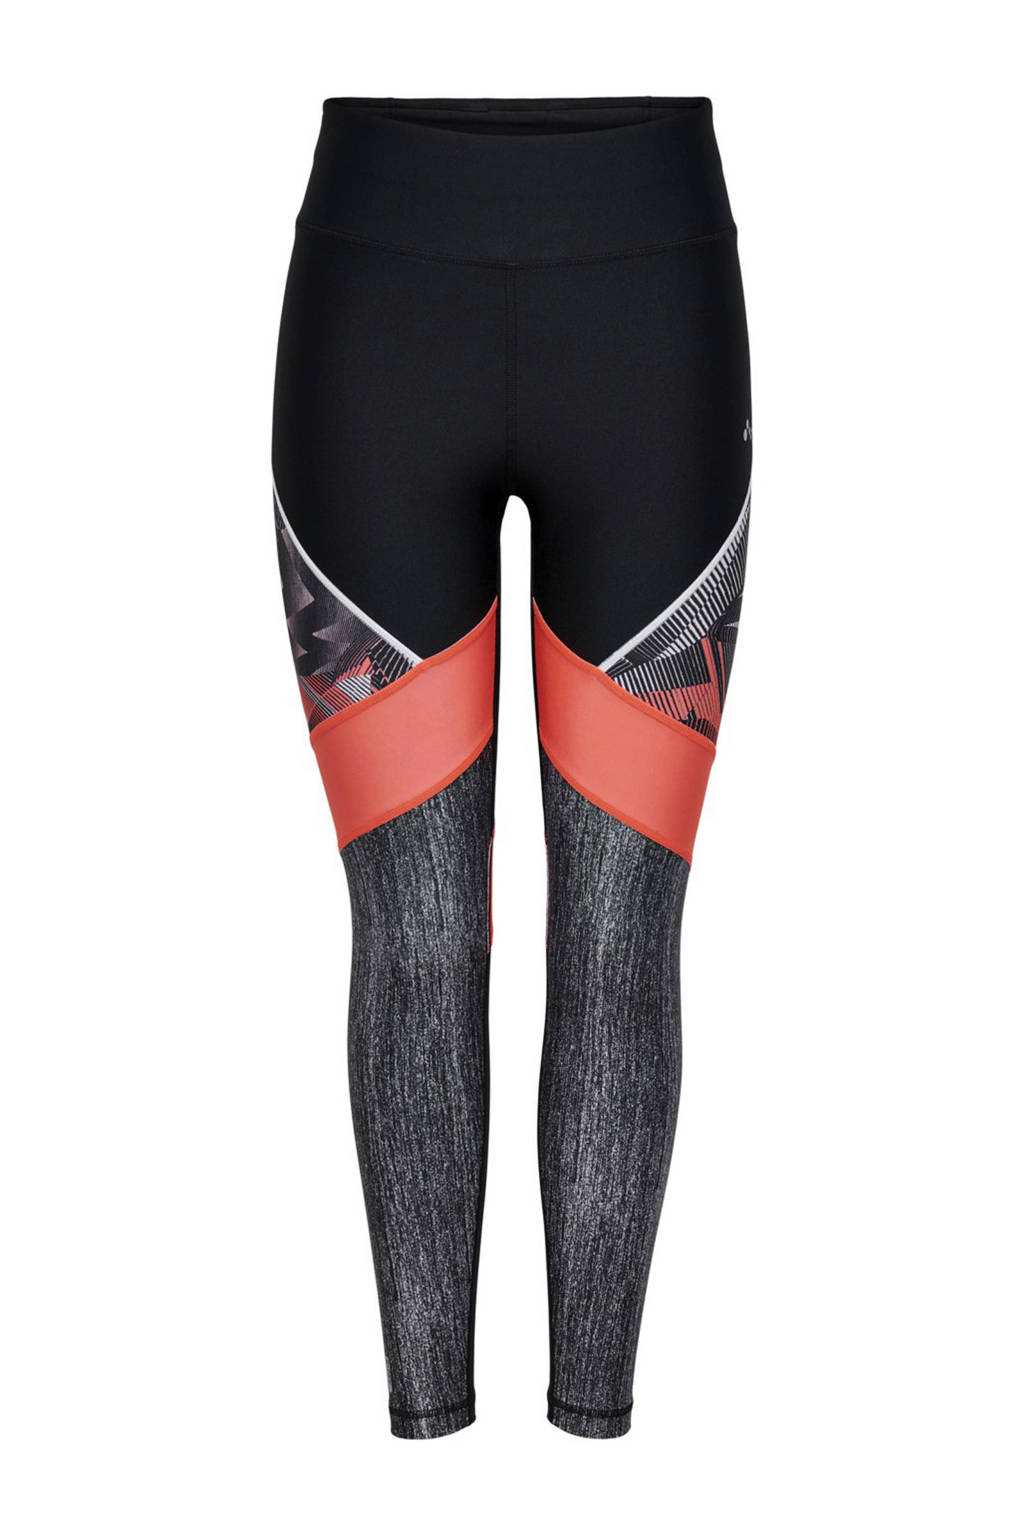 ONLY PLAY sportbroek Judie zwart/koraal/grijs